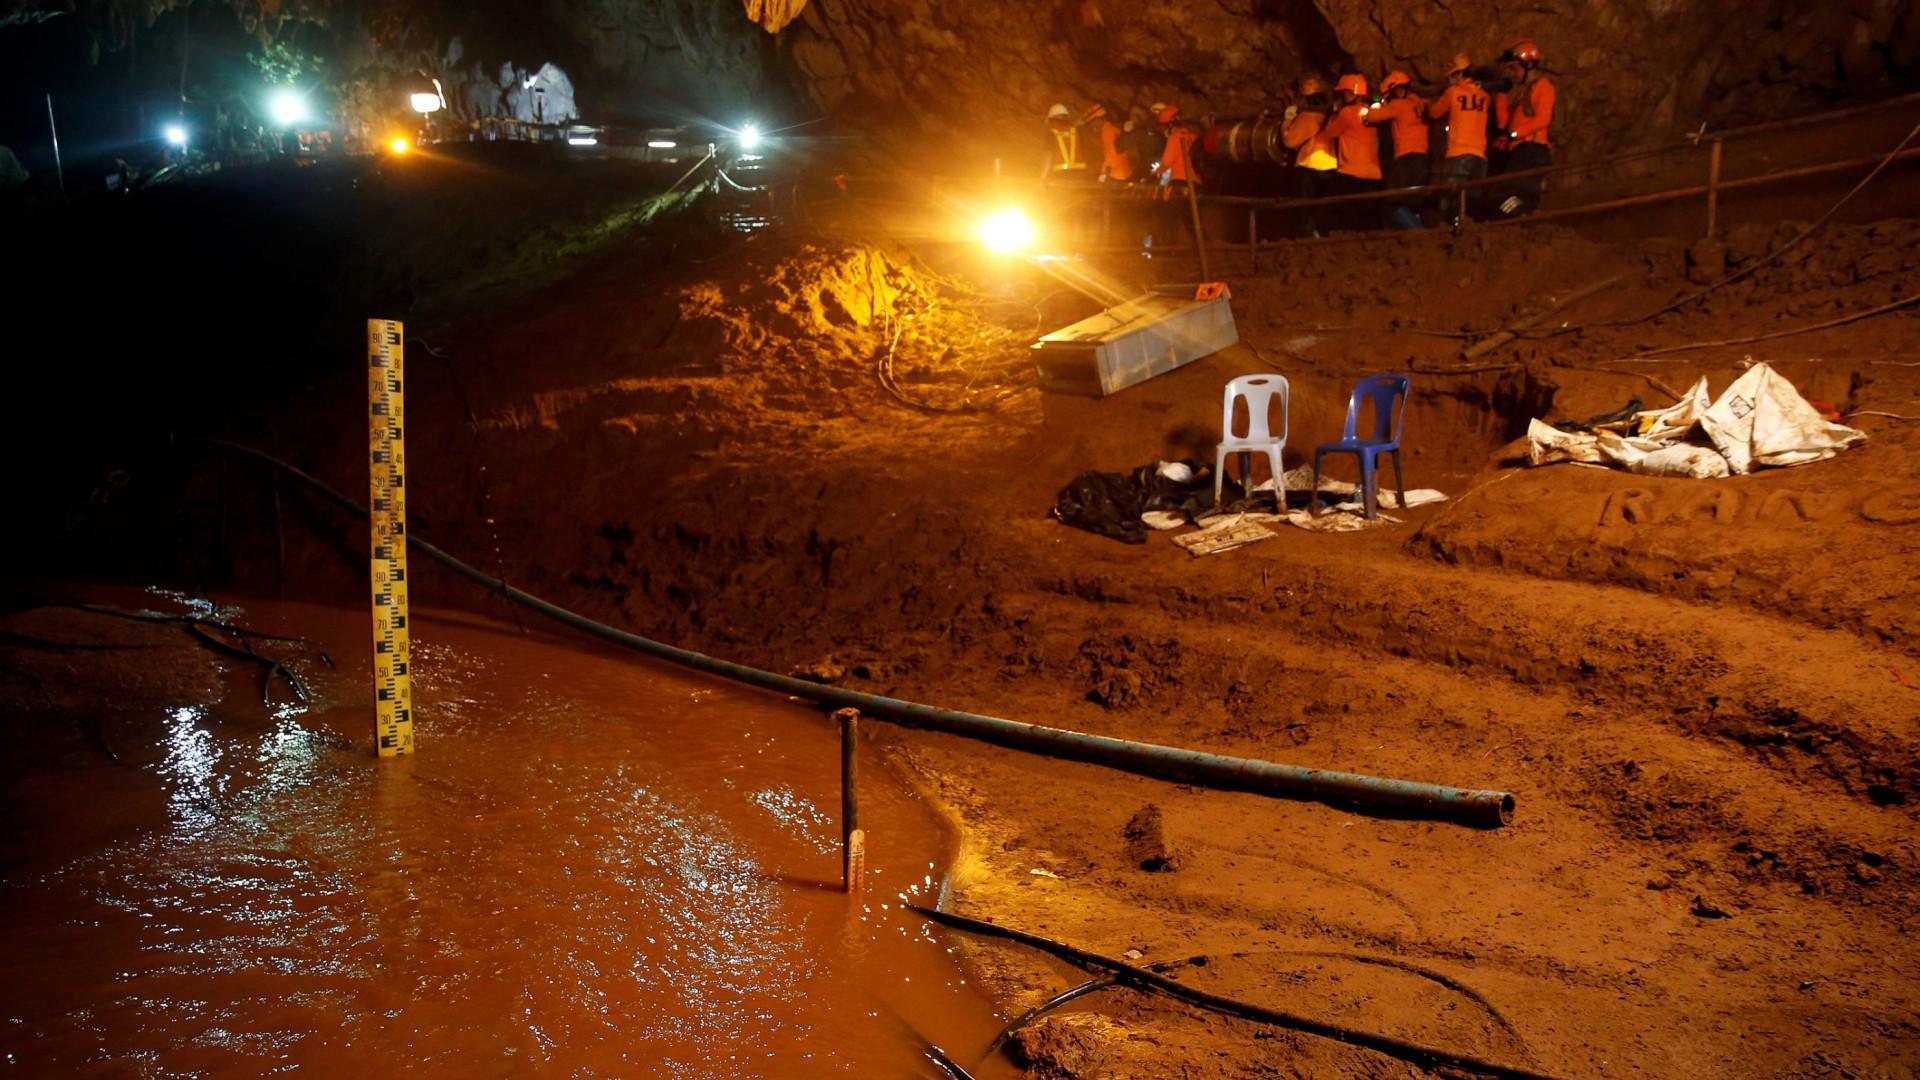 Bombas de água falharam quando últimos mergulhadores saíam de gruta